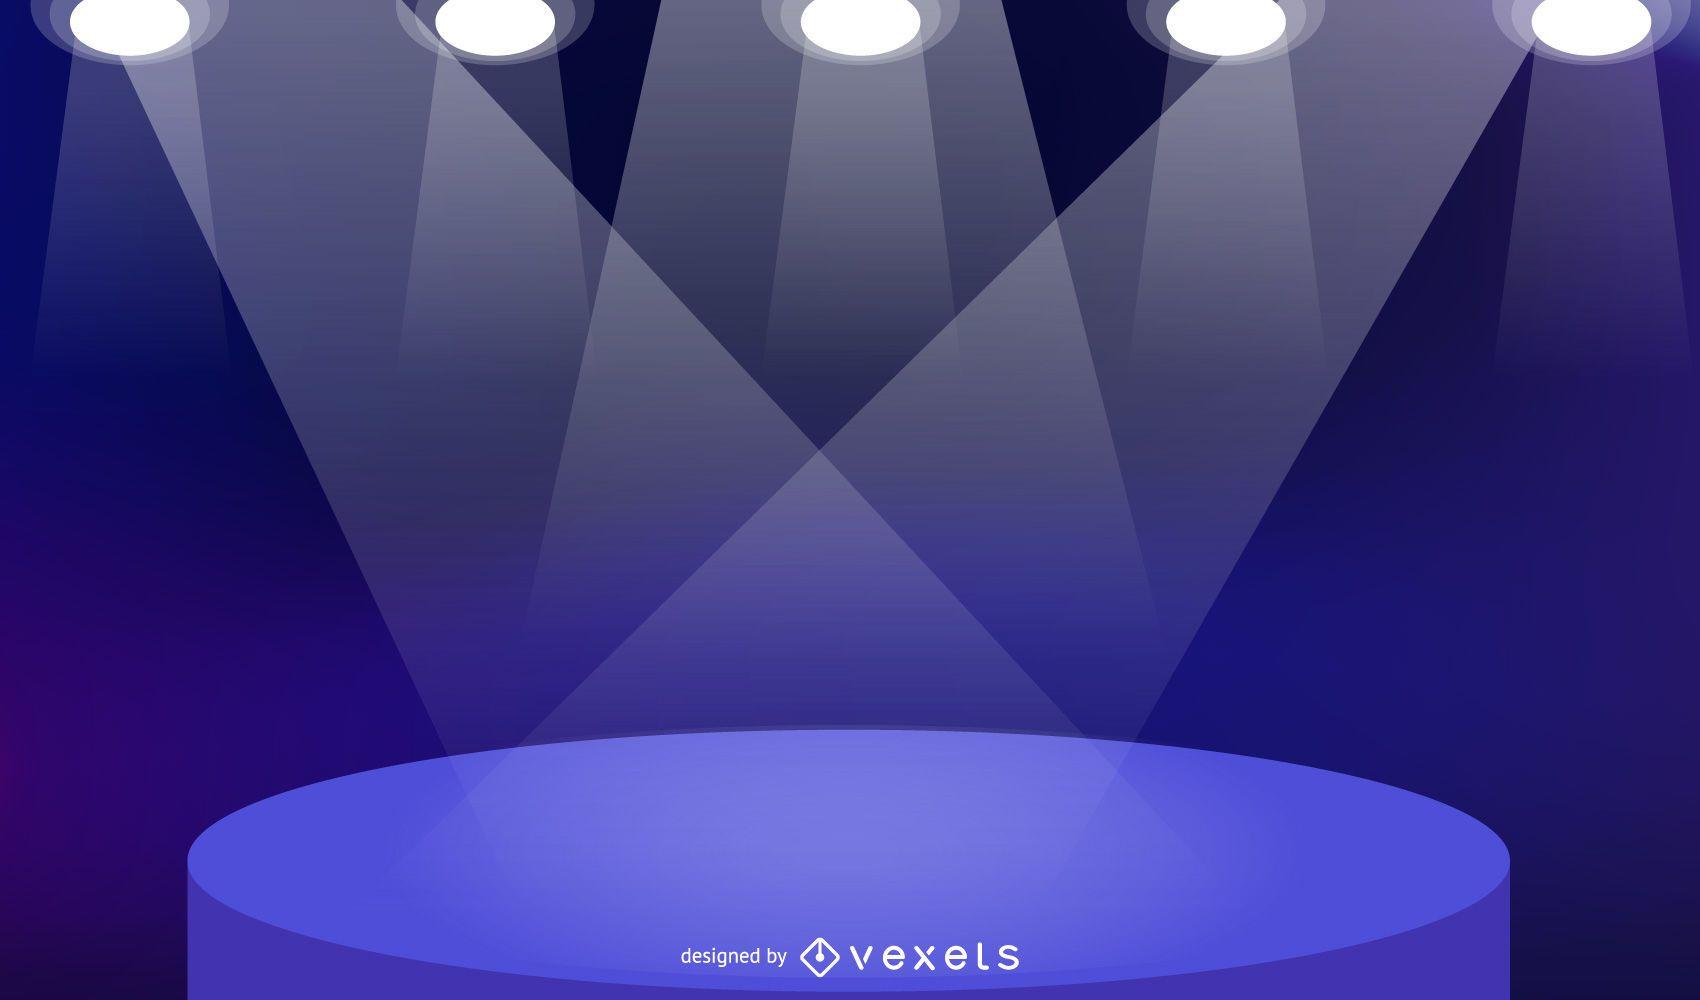 Plano de fundo colorido do palco com luzes especiais